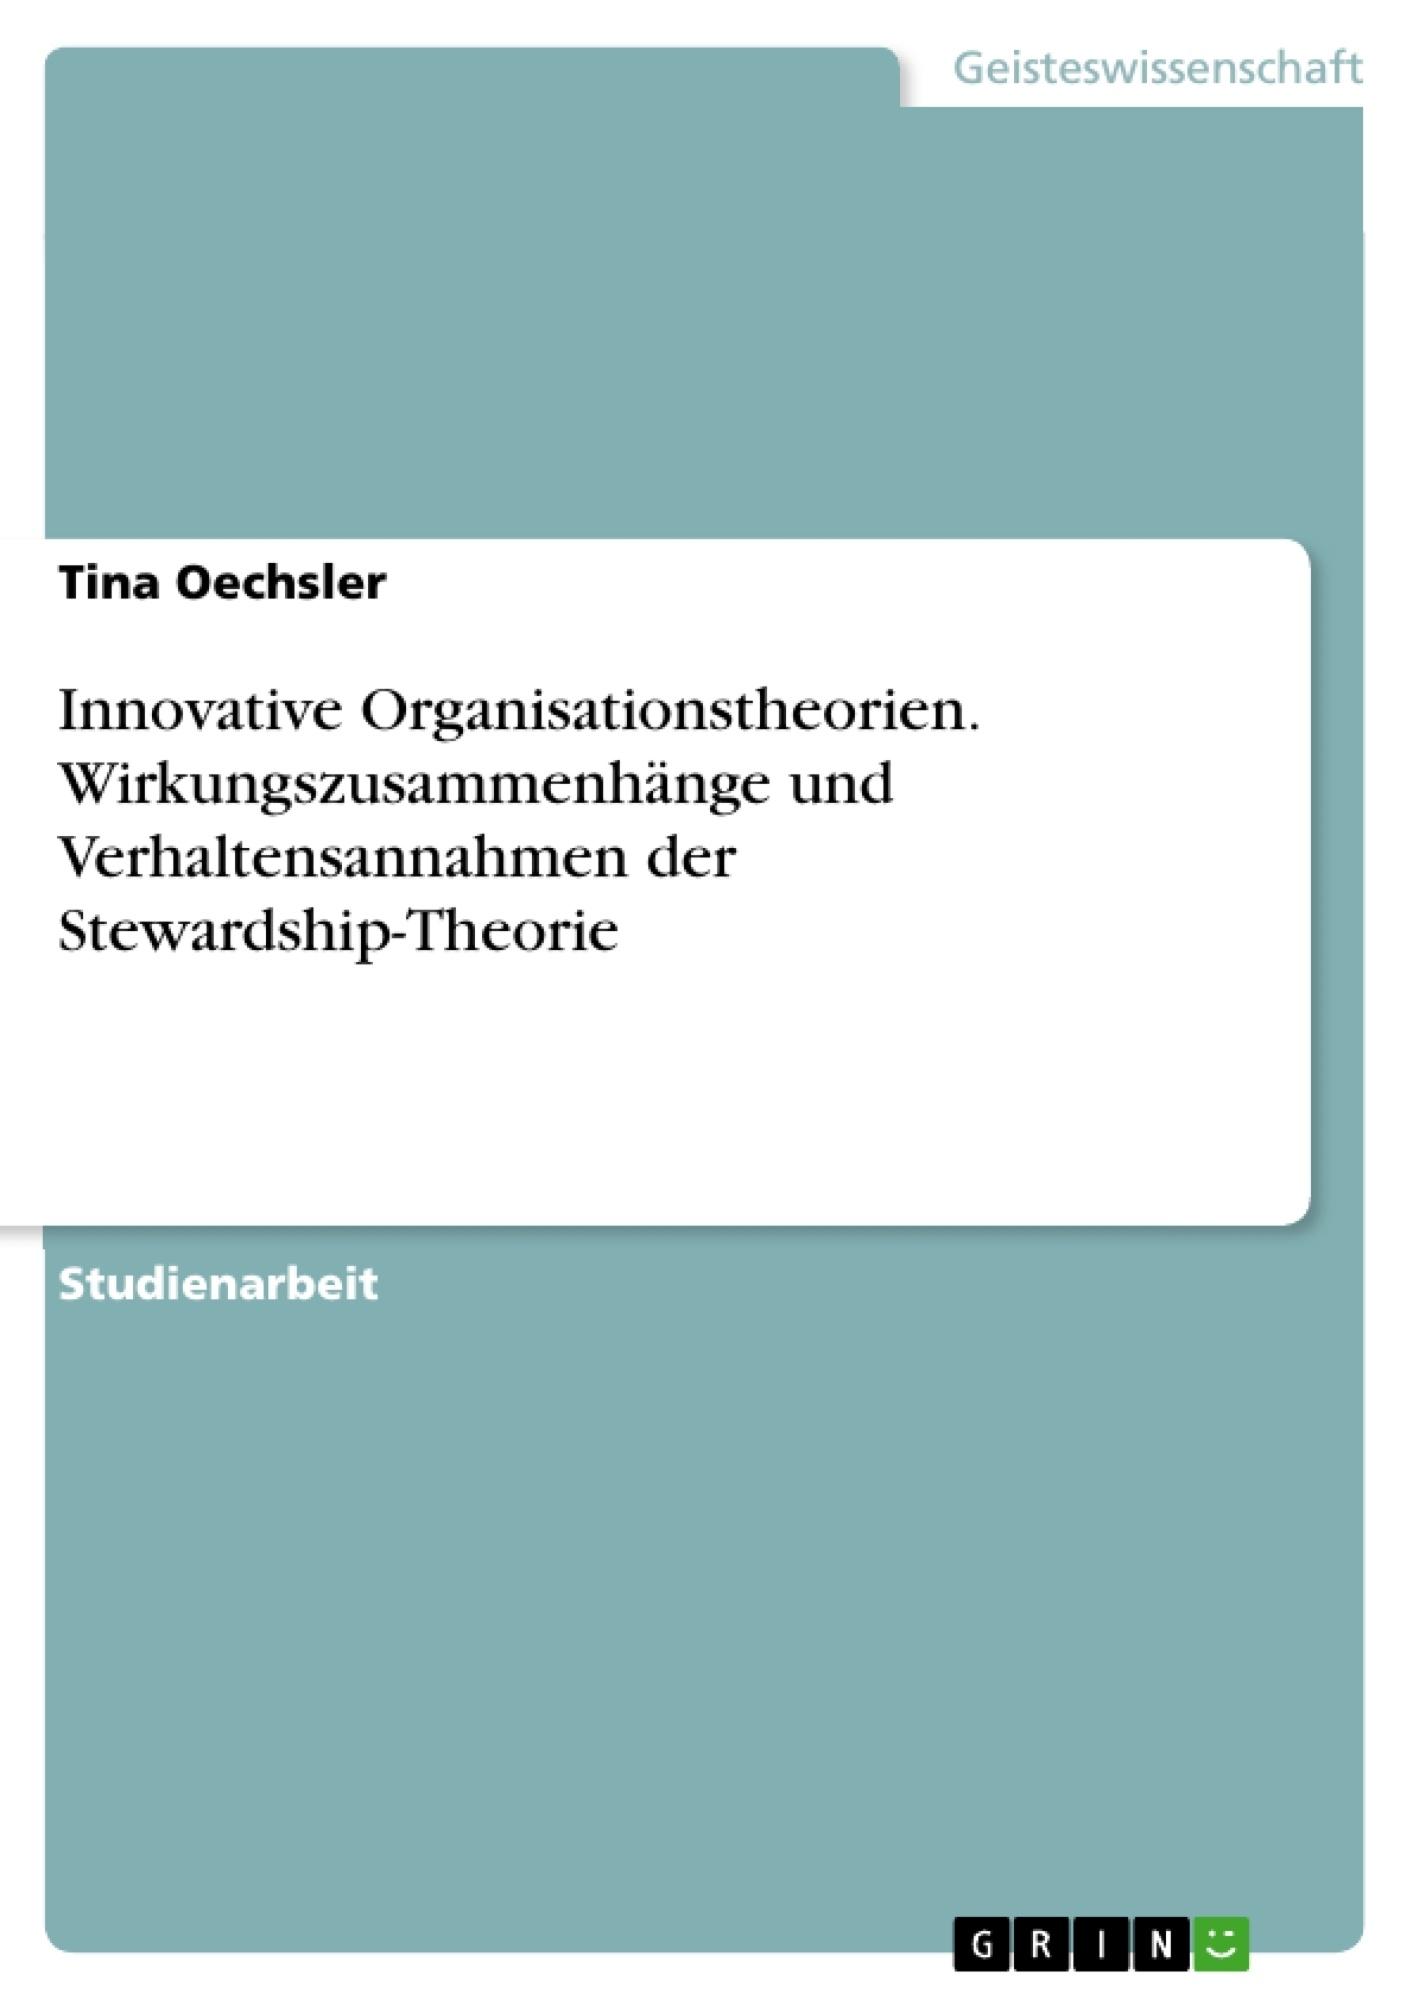 Titel: Innovative Organisationstheorien. Wirkungszusammenhänge und Verhaltensannahmen der Stewardship-Theorie